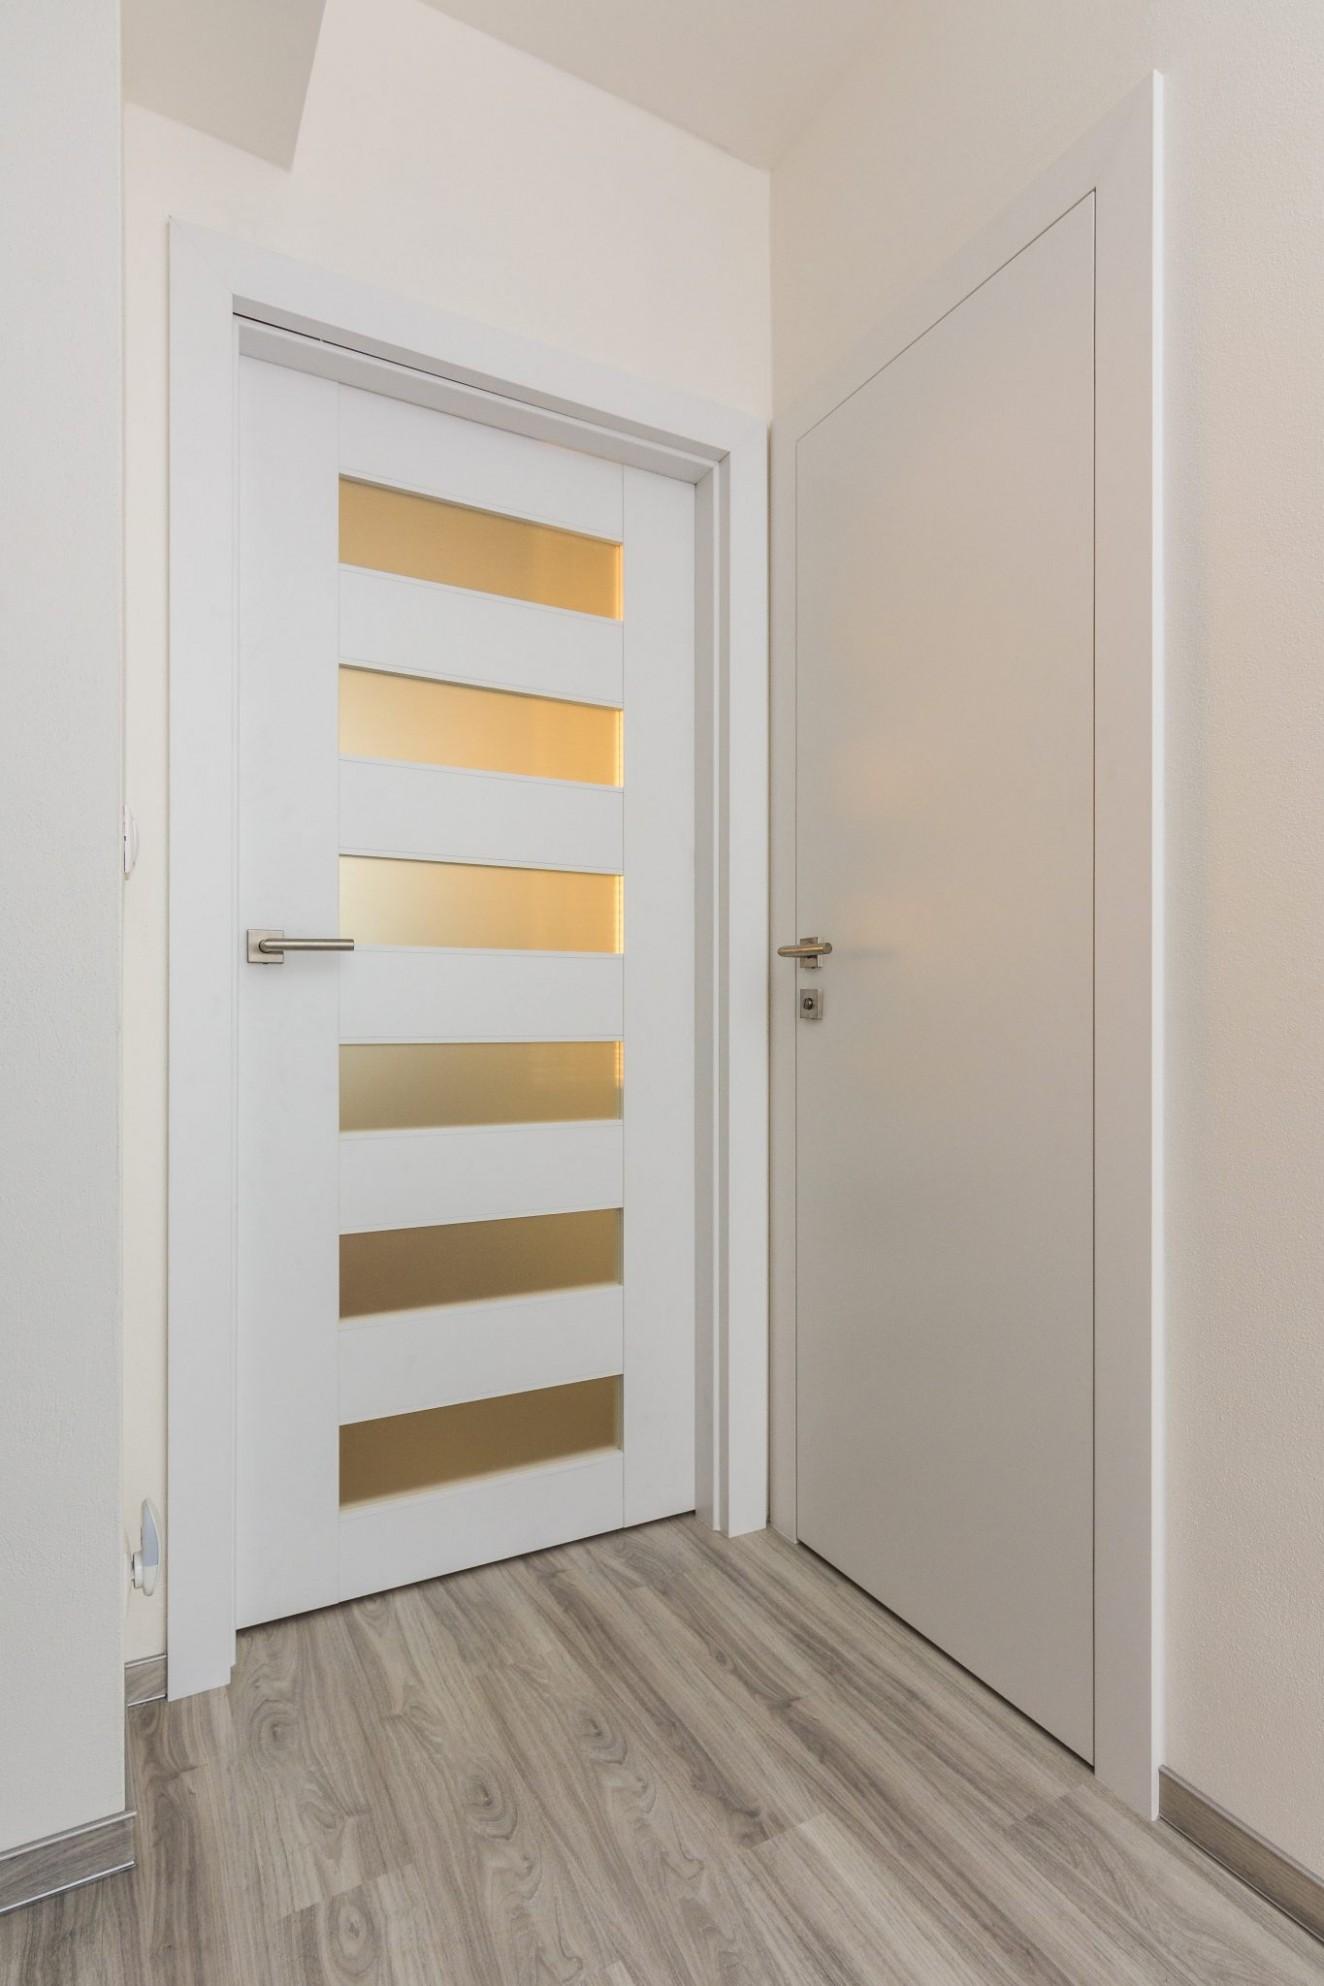 Kolekce Nápady Nejlevnější z Interiérové dveře brno